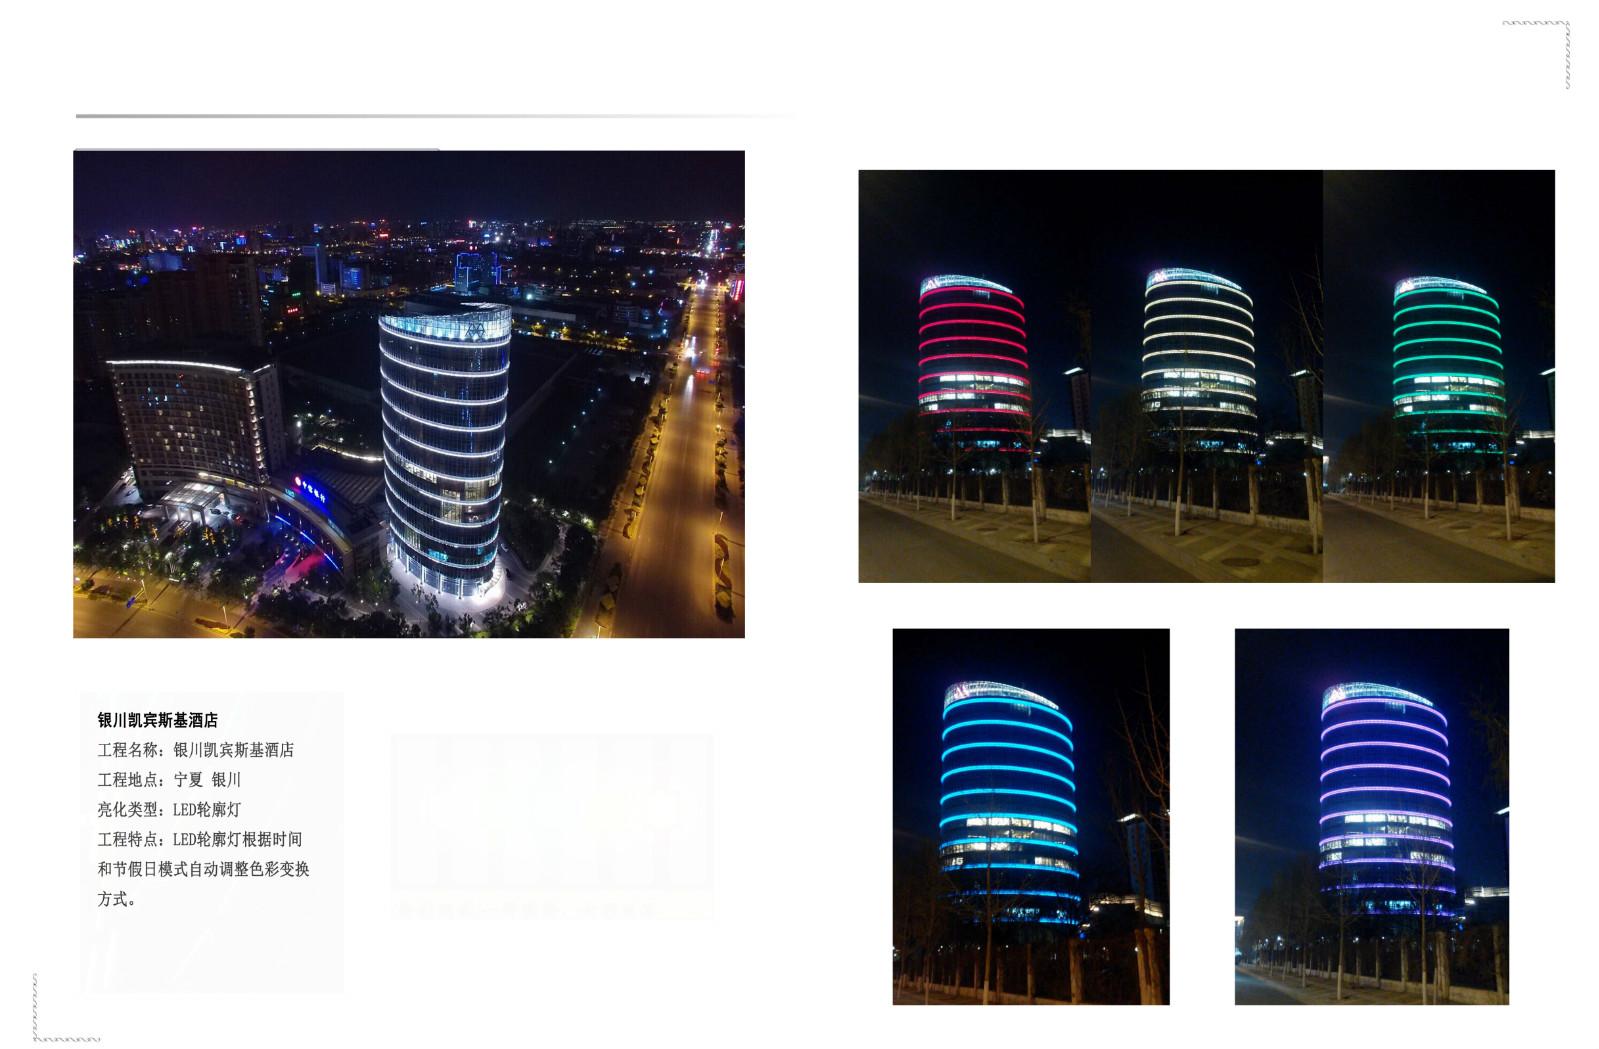 宁夏 银川凯宾斯基酒店